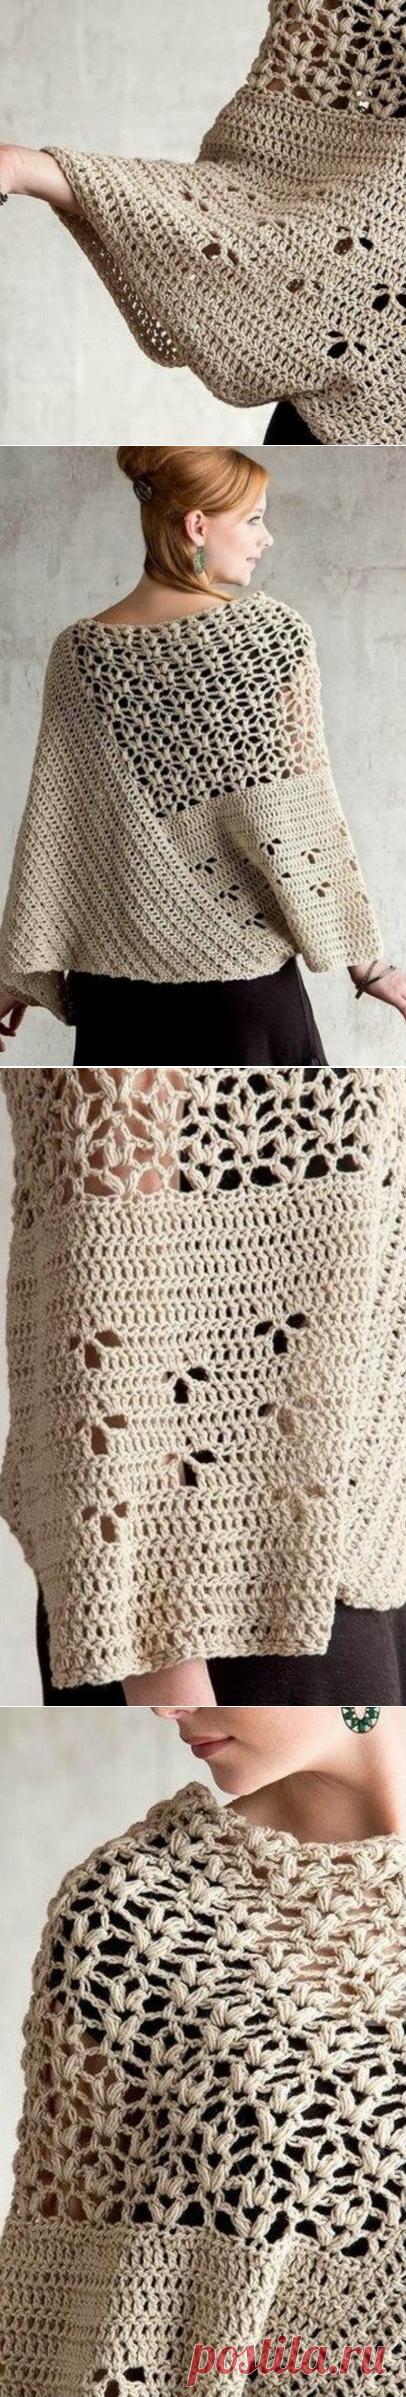 Вязание стильного пуловера